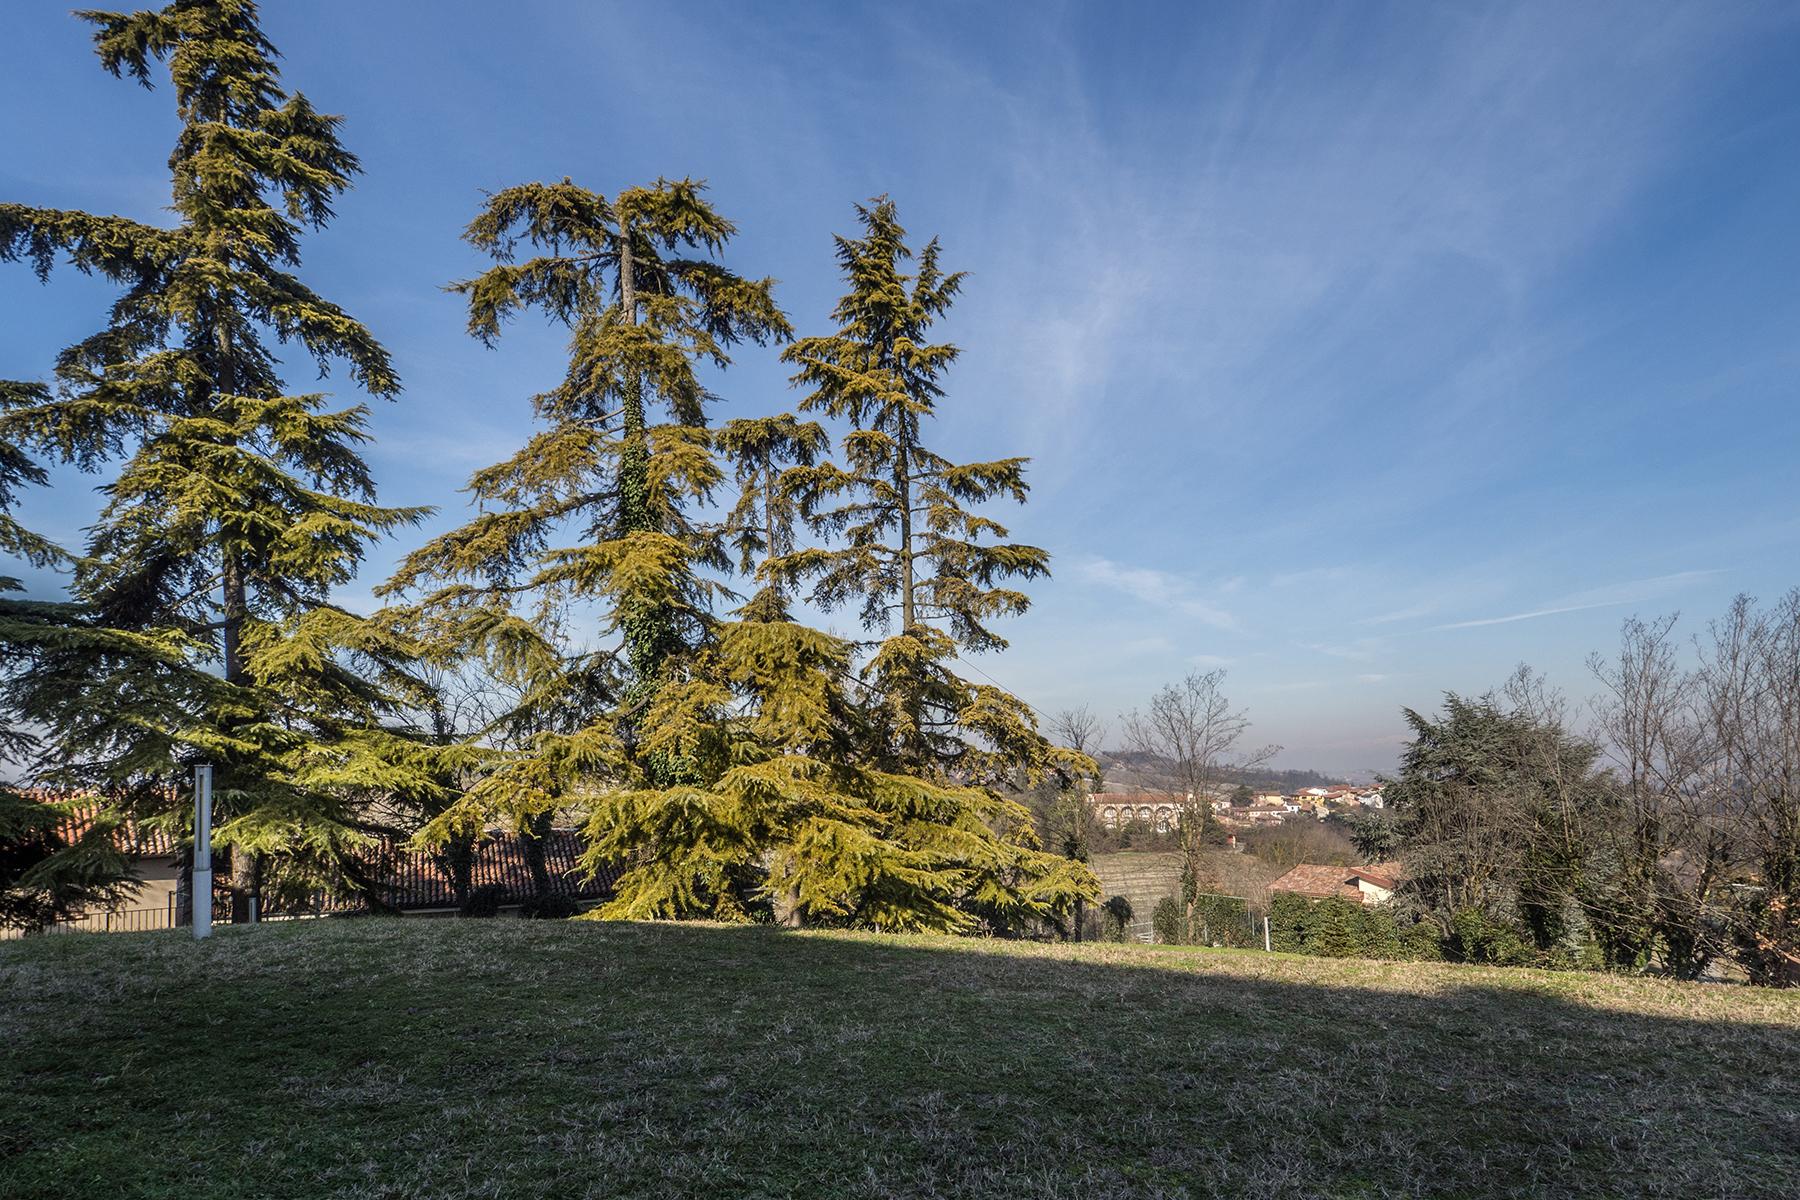 Rustico in Vendita a Vignale Monferrato: 5 locali, 1400 mq - Foto 30